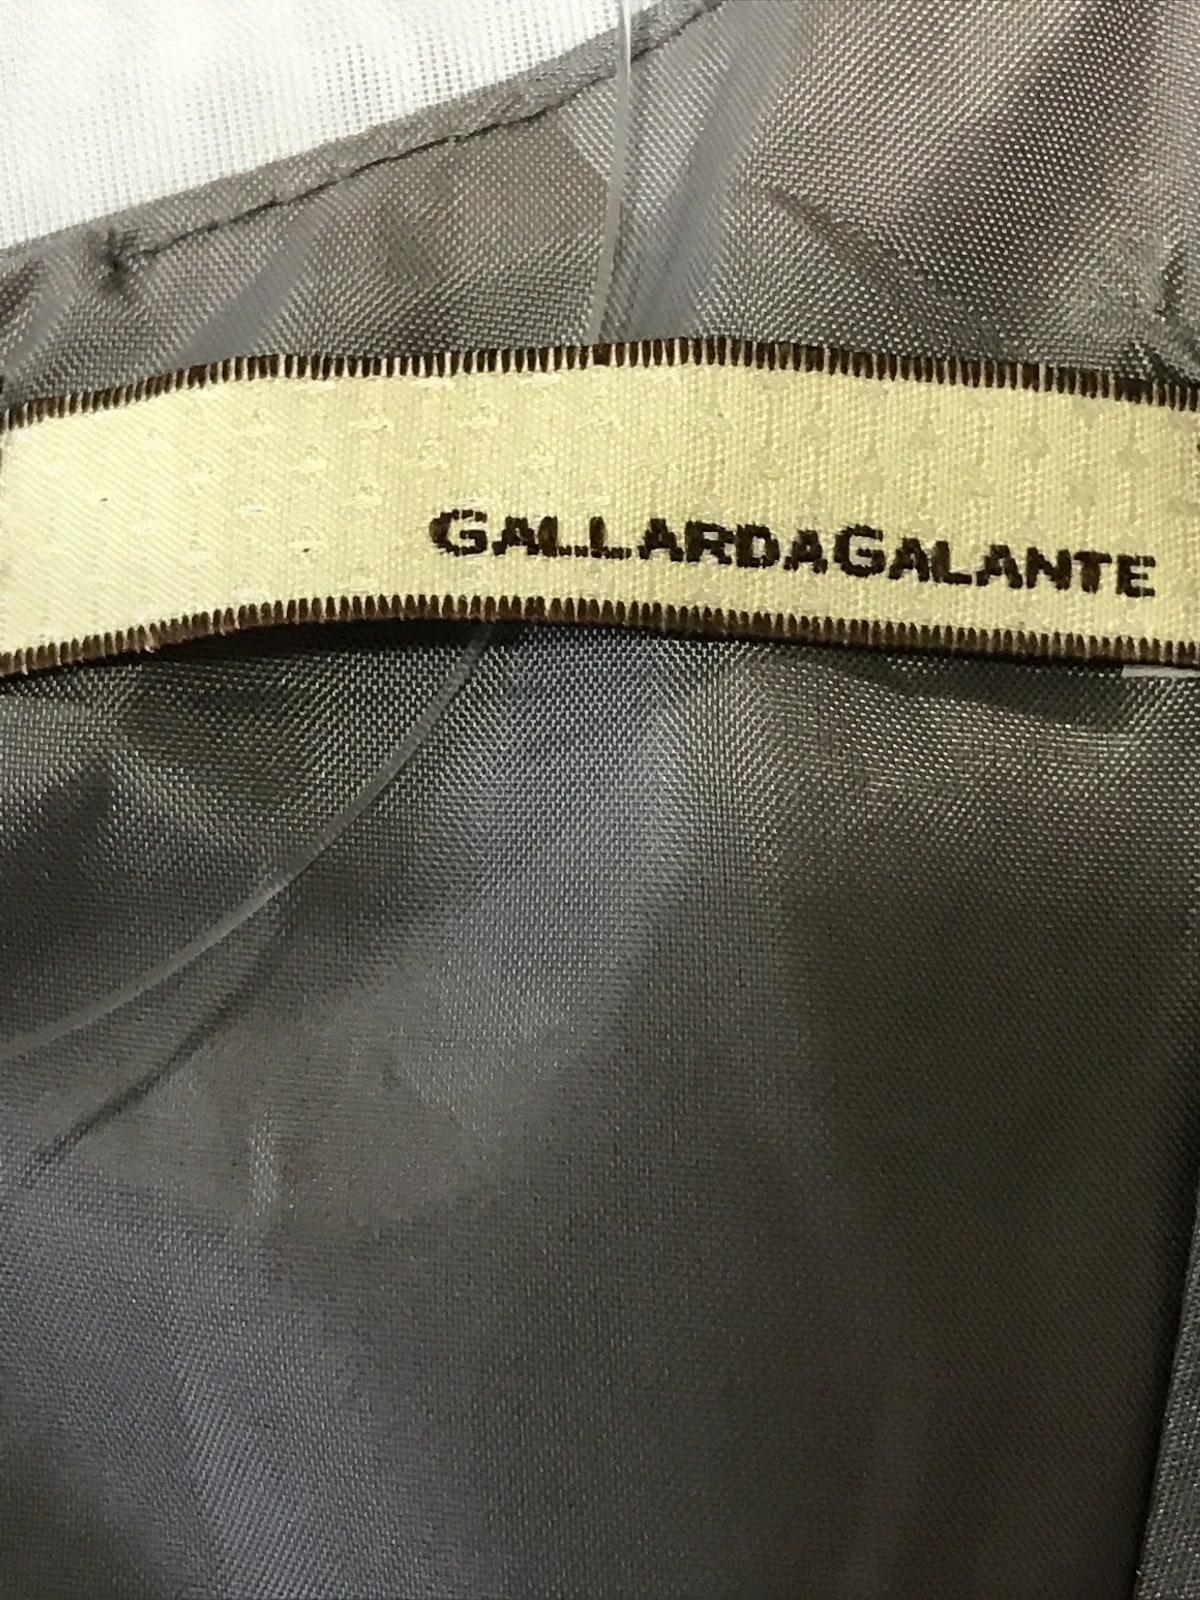 GALLARDAGALANTE(ガリャルダガランテ)のワンピース